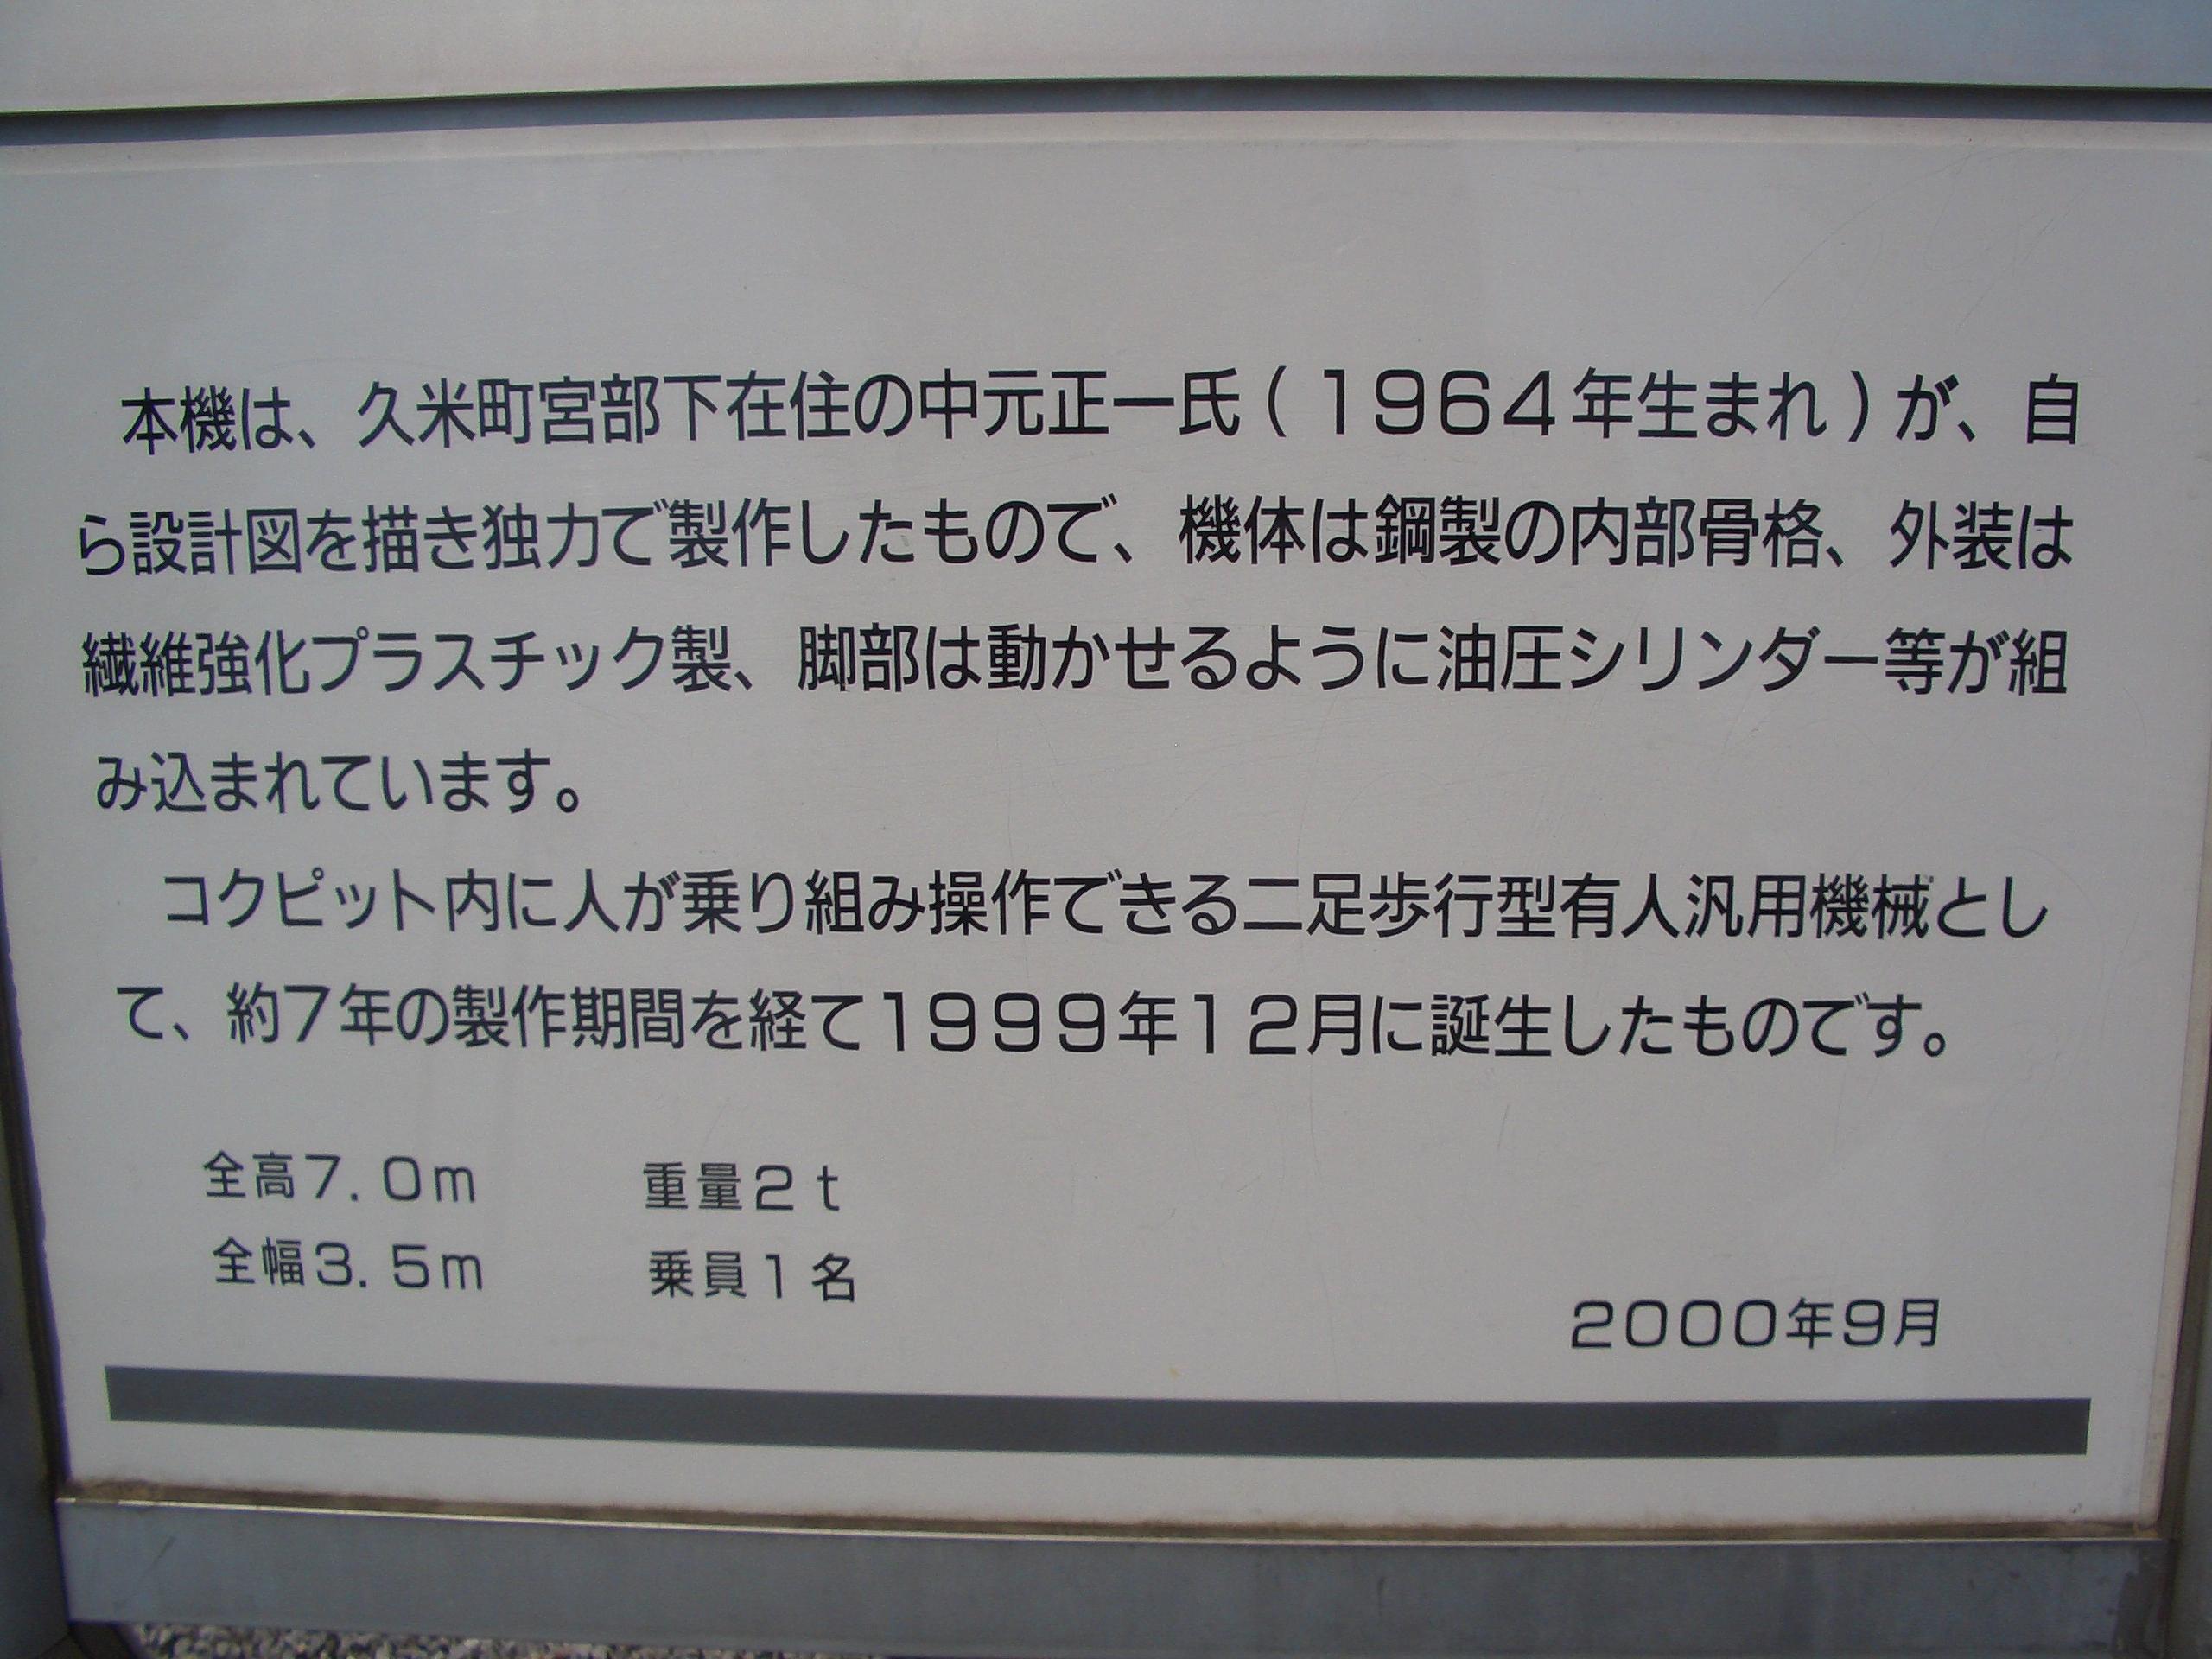 Cimg2011_2